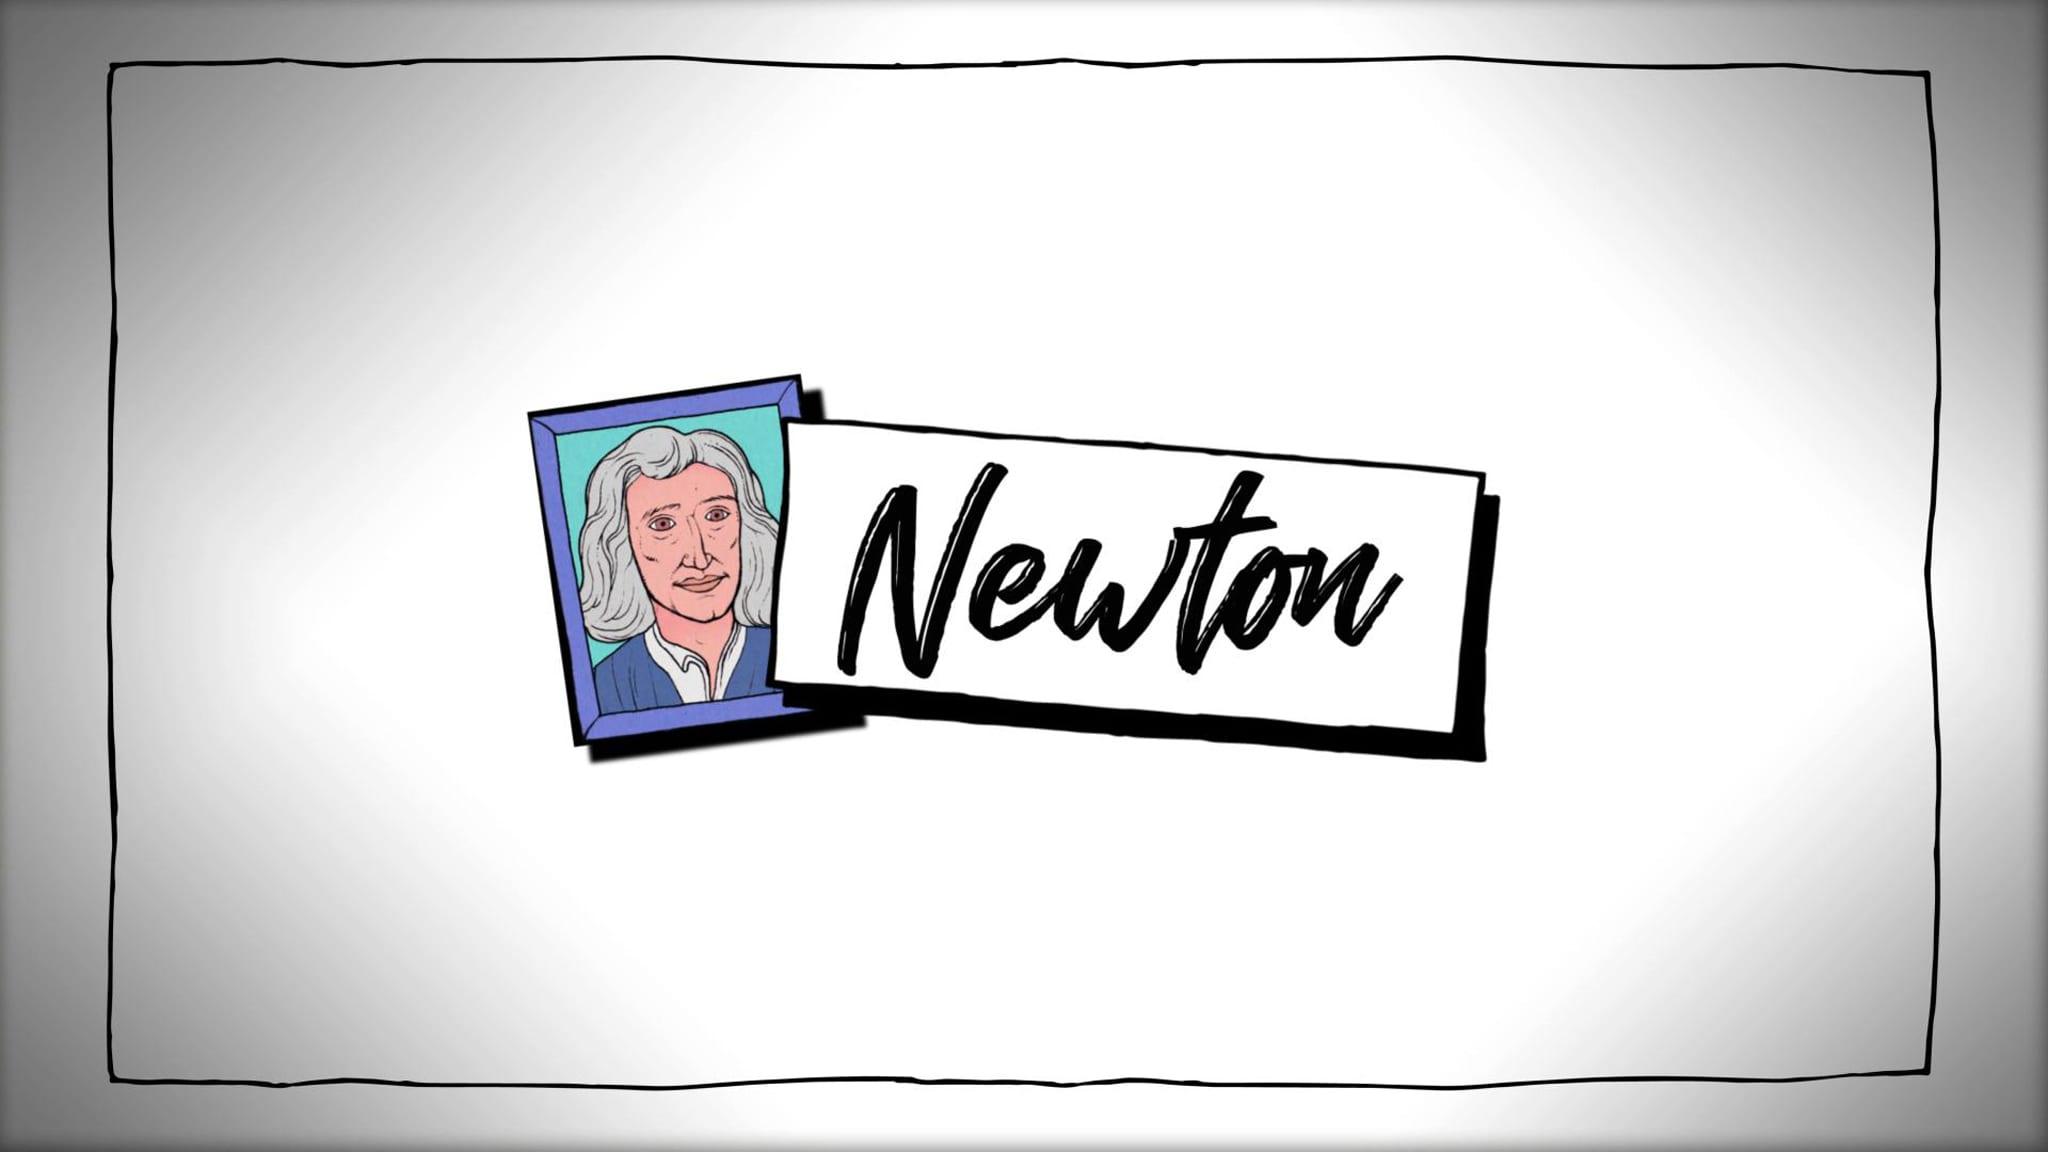 Rai Scuola Progetto Scienza Newton (p. 03)